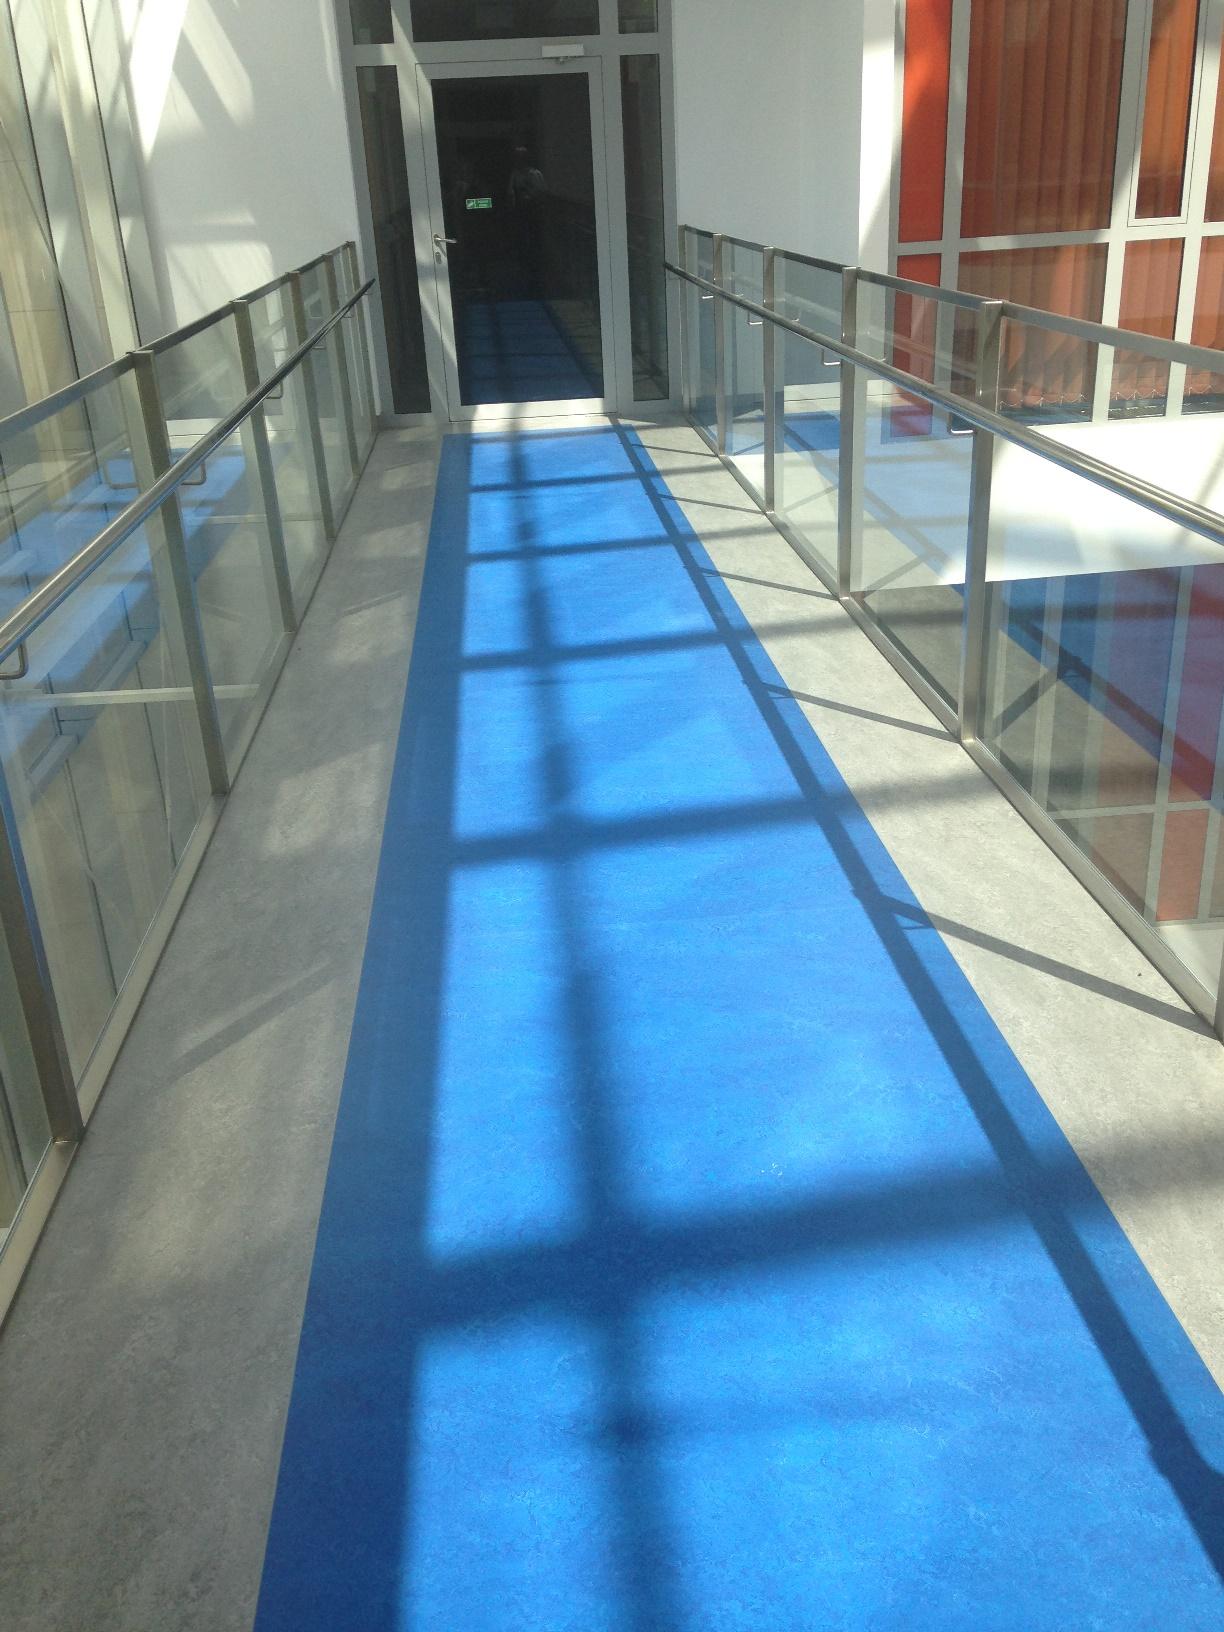 2 piętro - korytarz (mostek łączący skrzydła budynku) z wyodrębnionym kontrastowo traktem komunikacyjnym